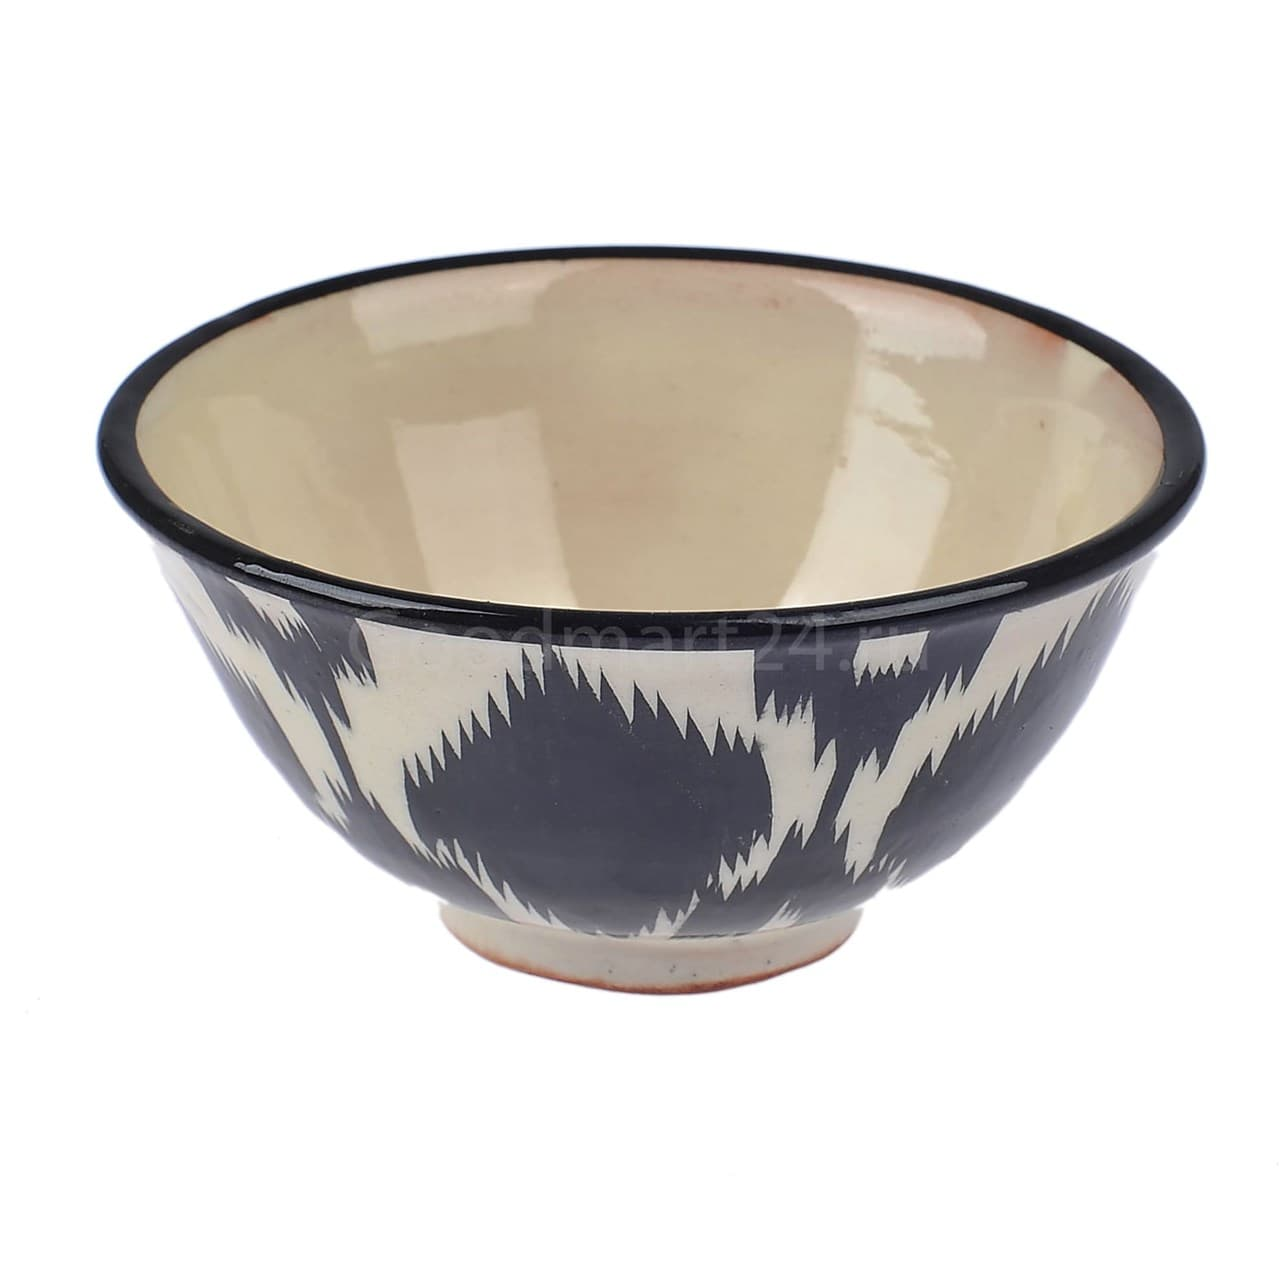 Пиала Риштанская Керамика большая d-11 см. h-5,5 см. Чёрный Атлас - фото 9403